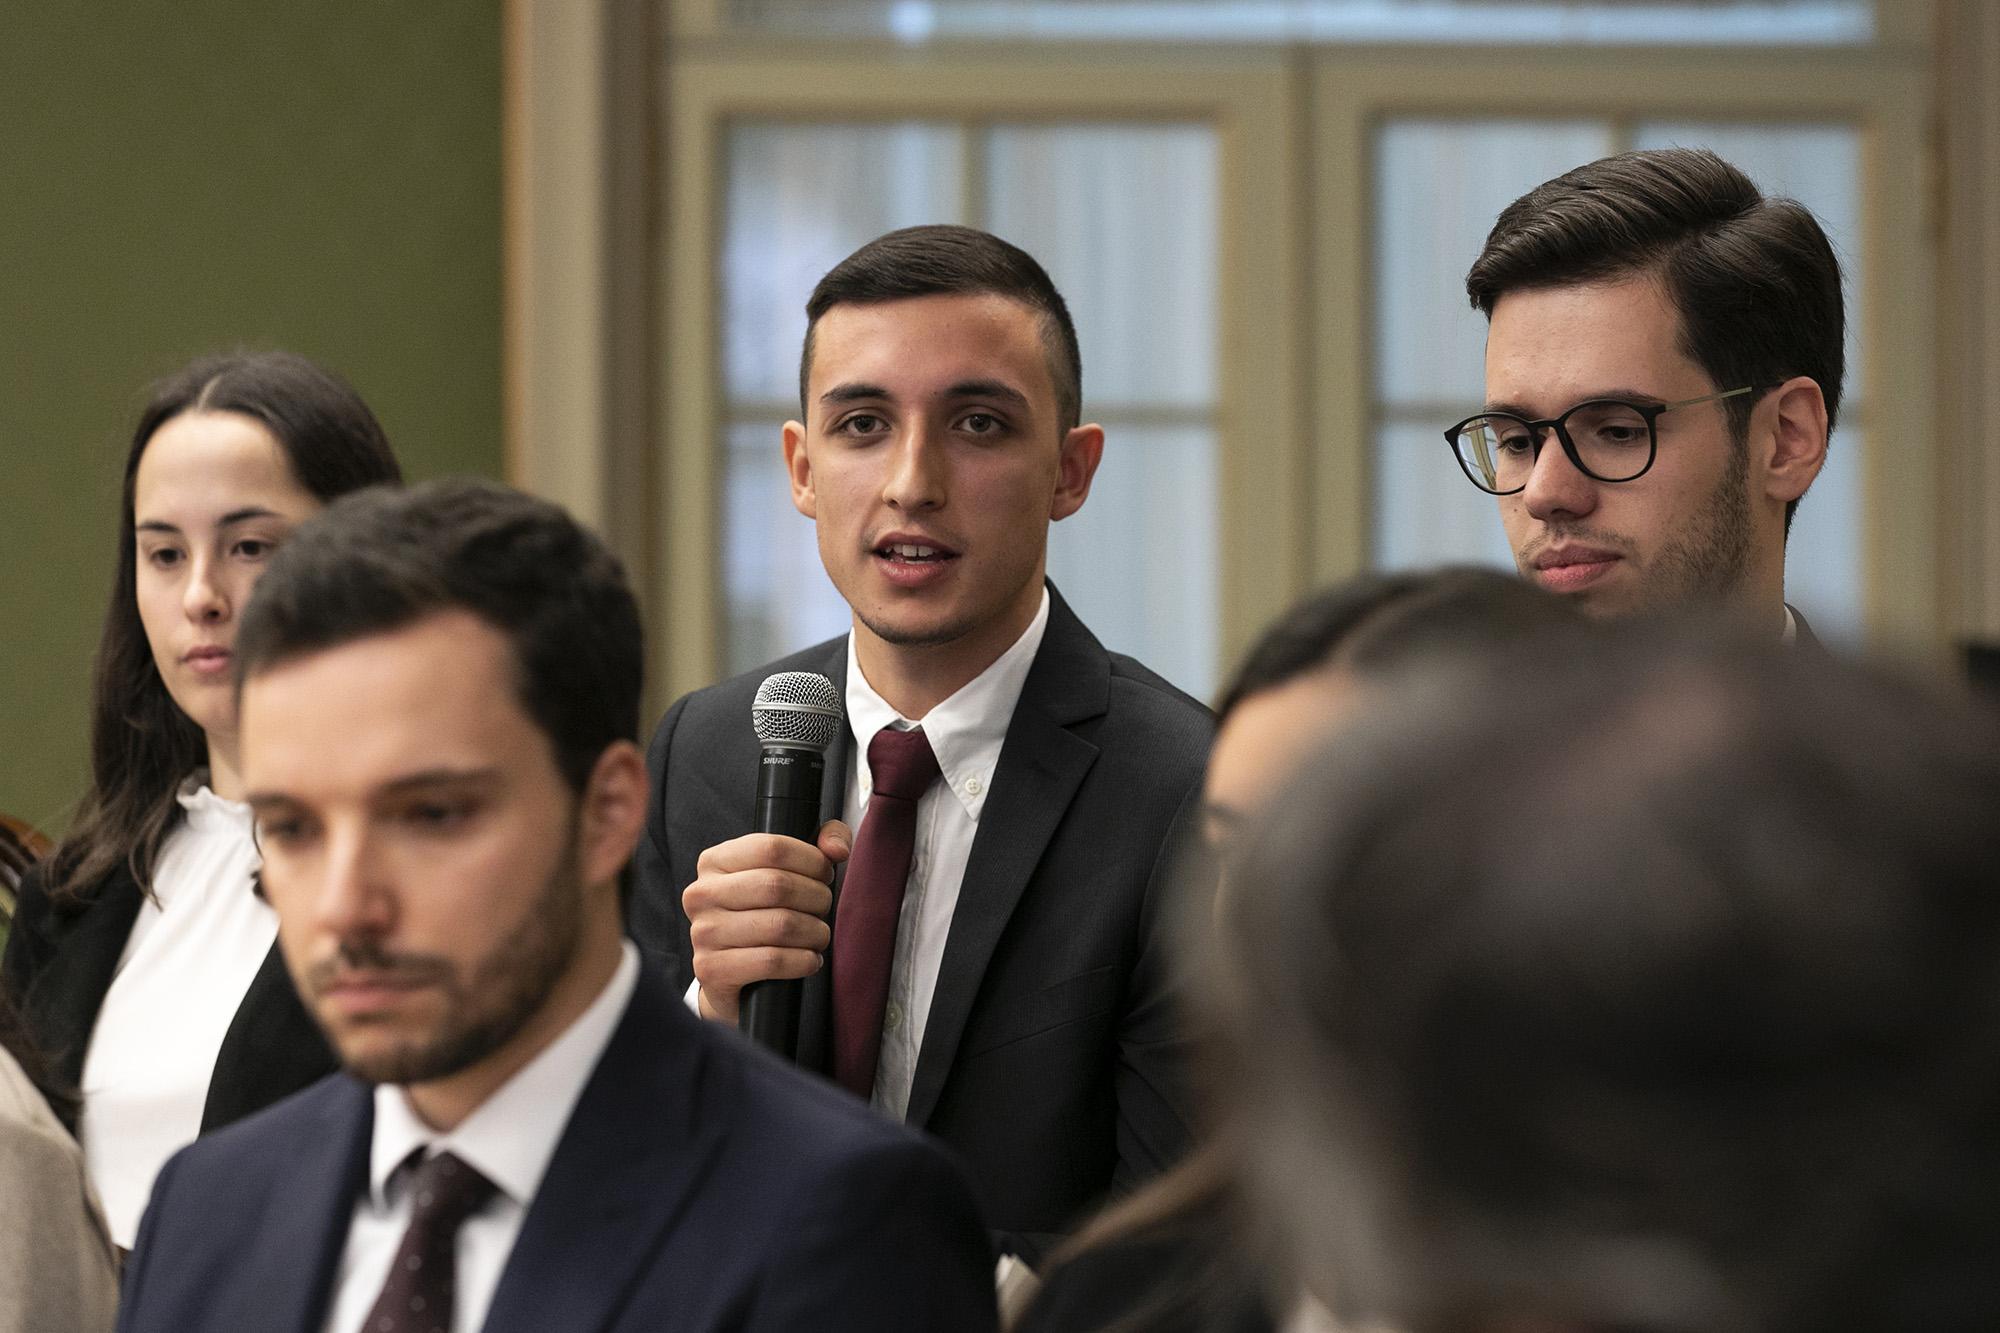 Prémio Jacinto Nunes BdP 2019 - 21NOV19